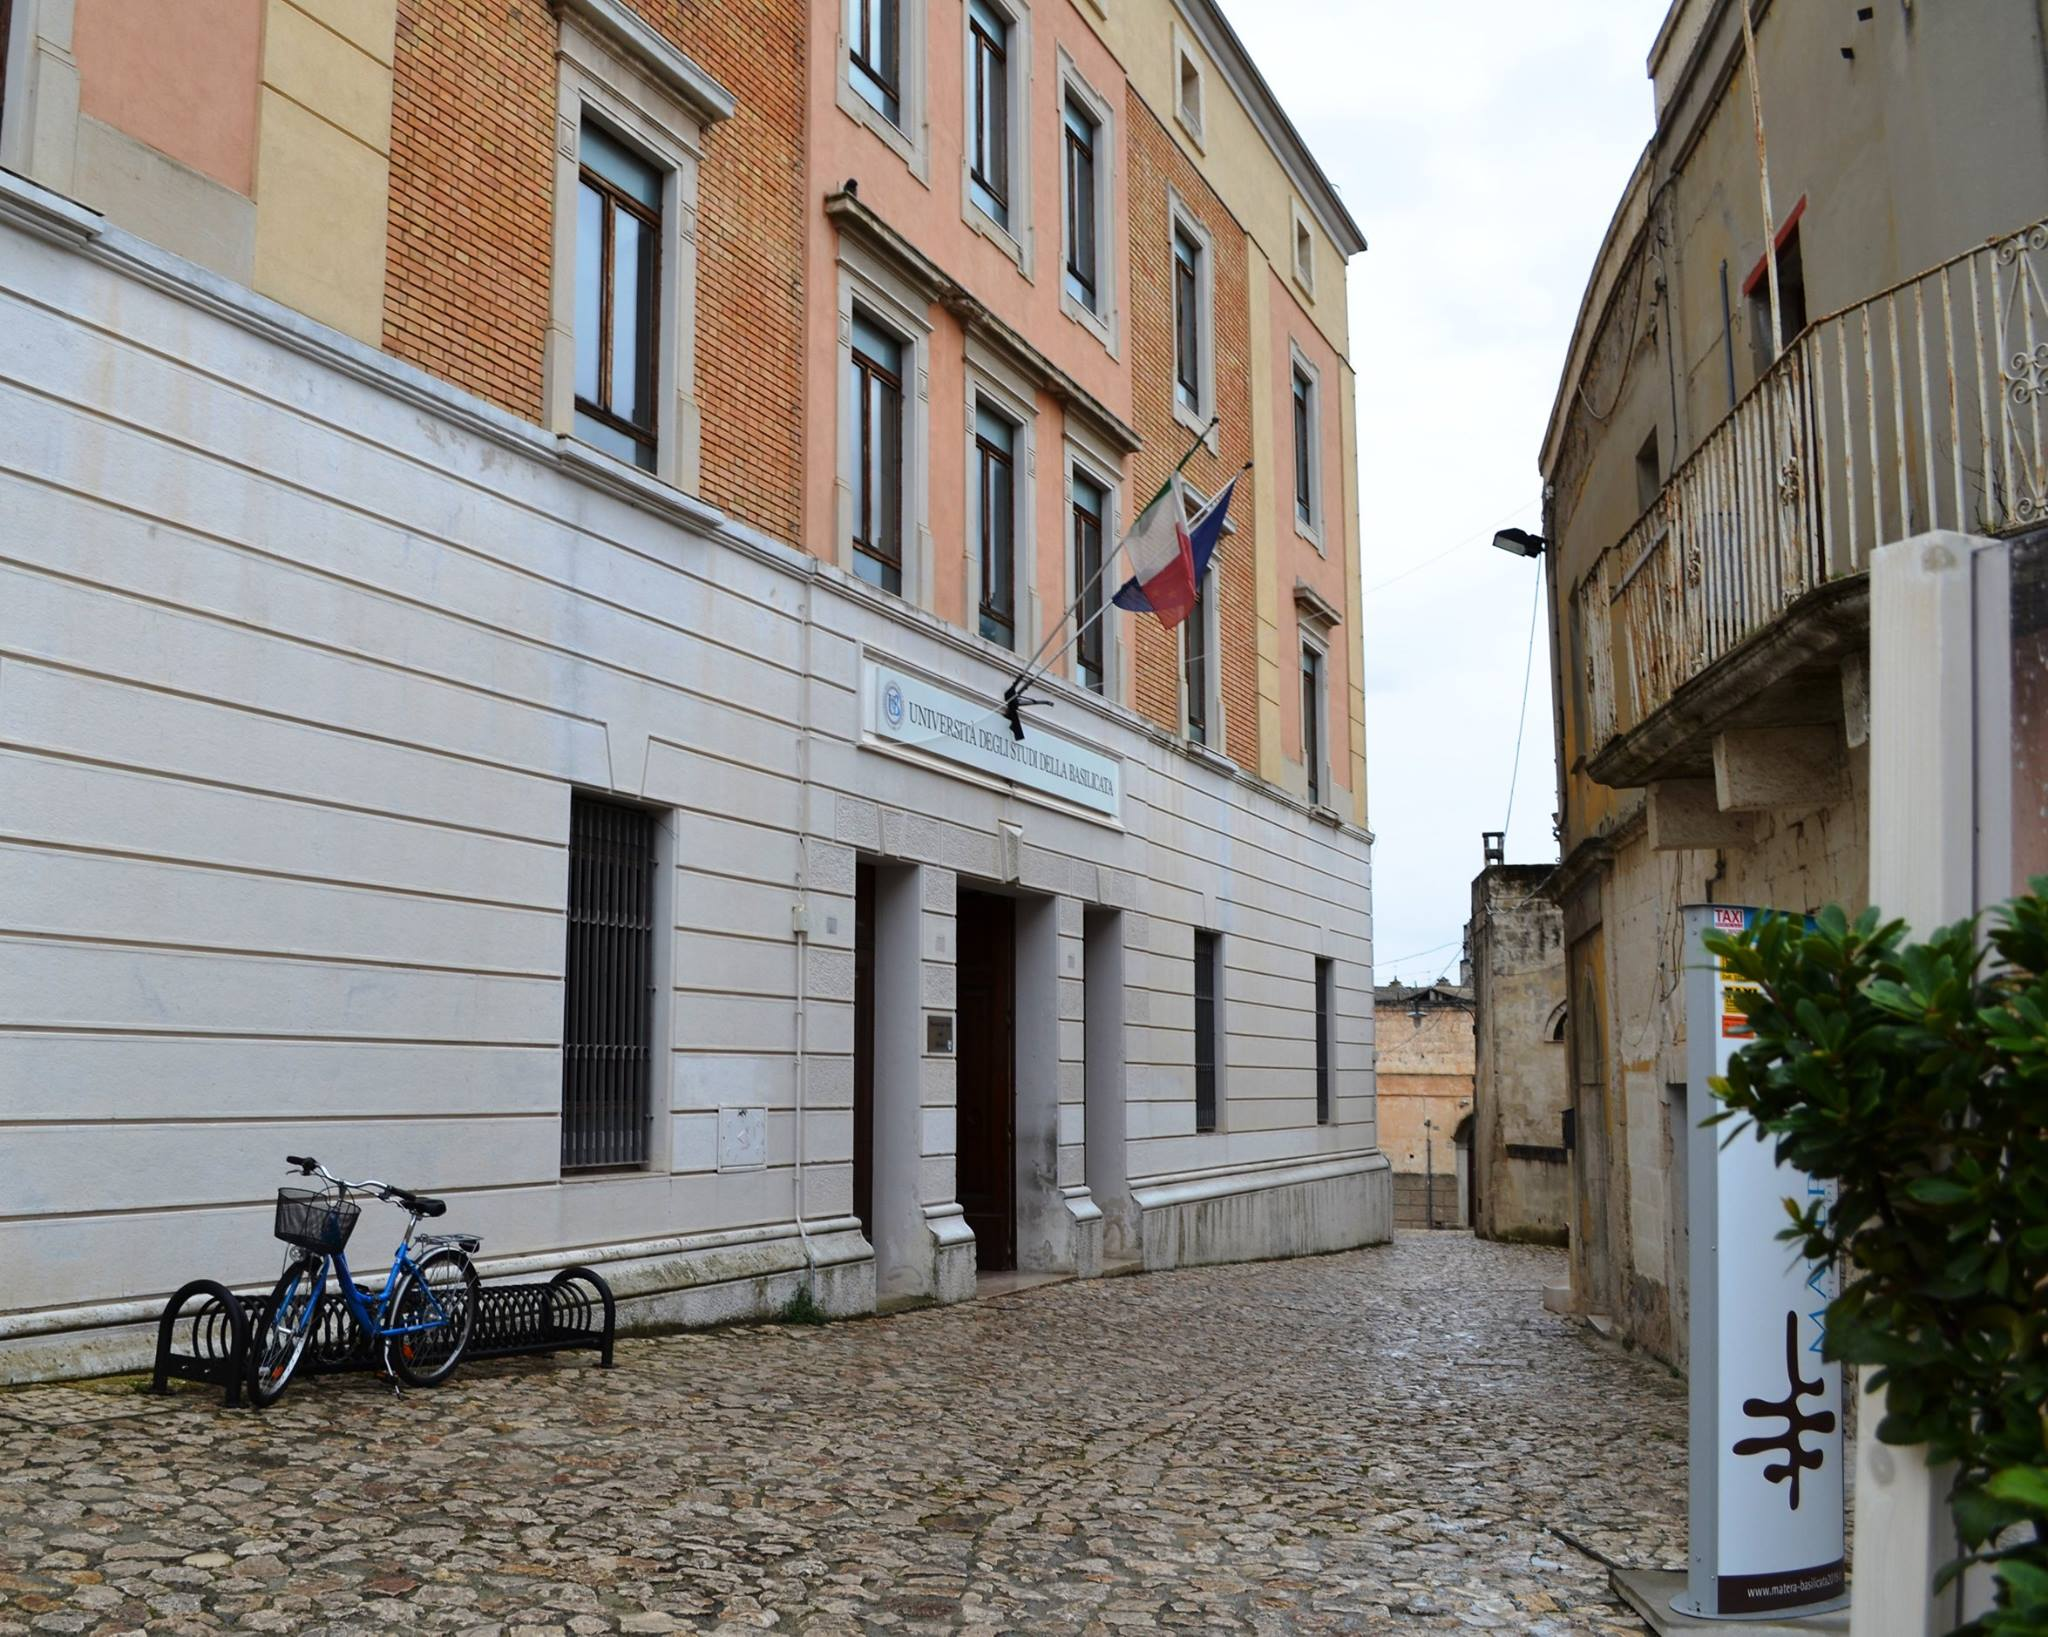 Matera celebra i 25 anni di attività della Scuola di specializzazione in Beni archeologici